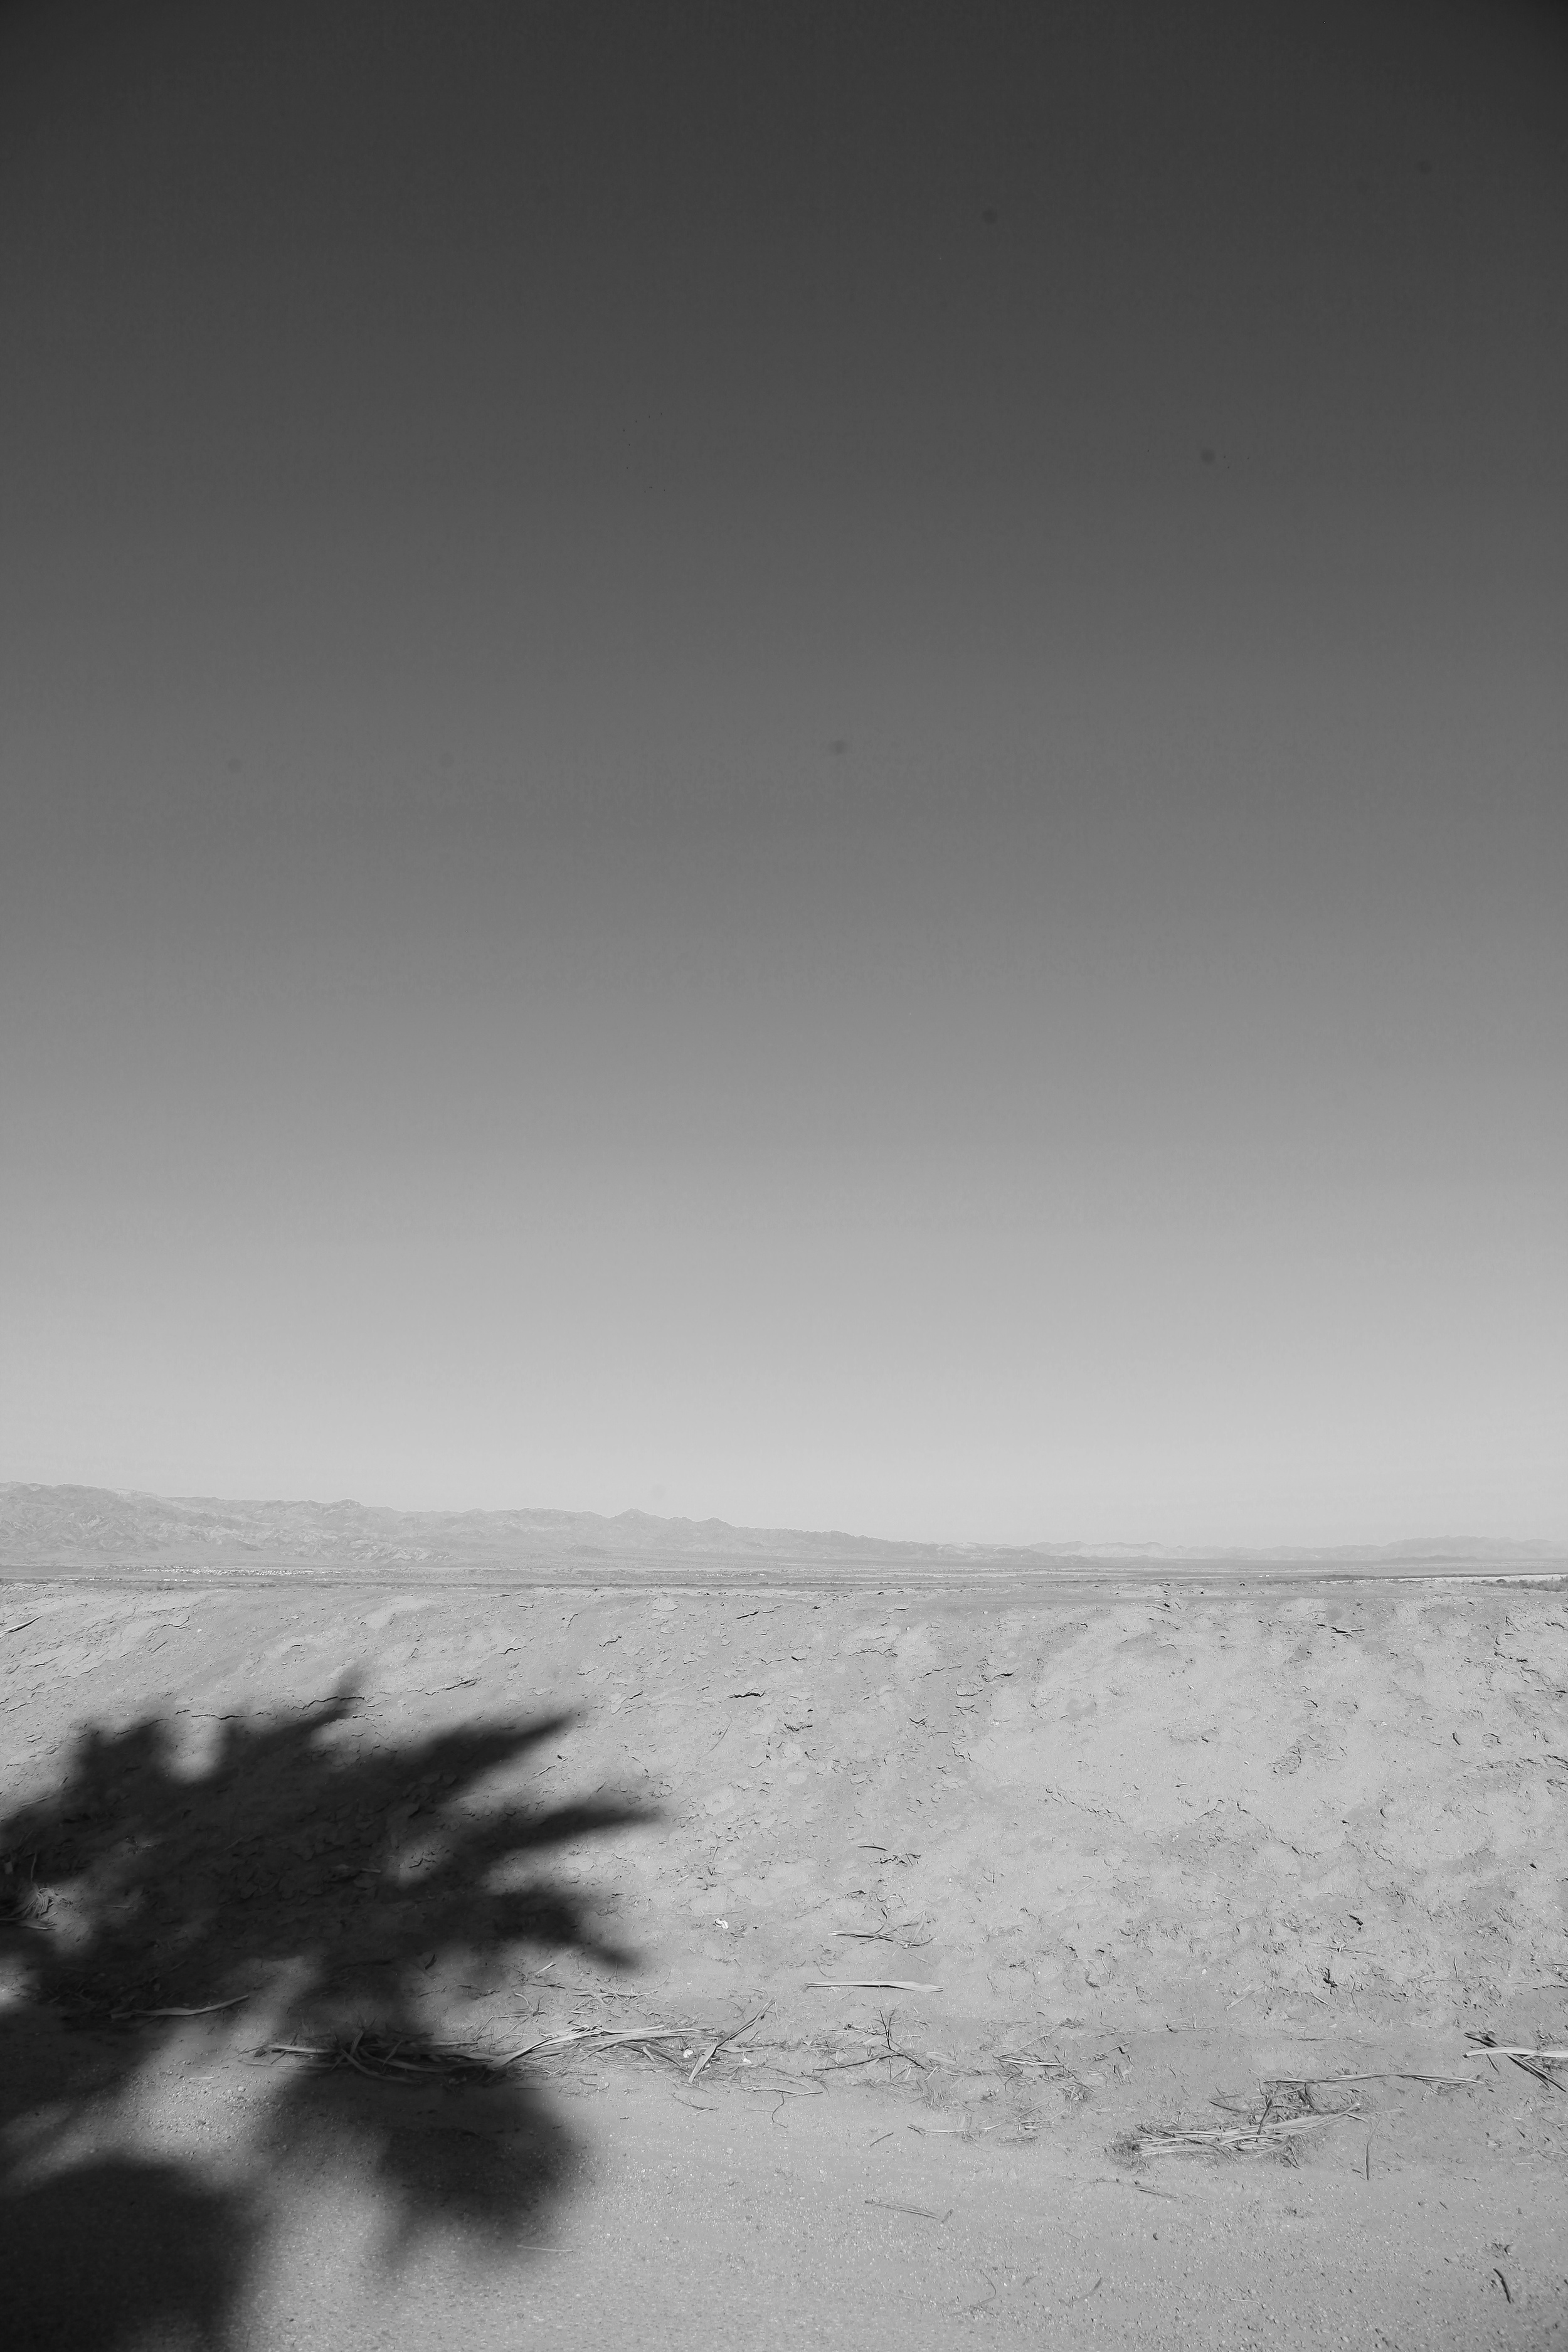 Salton_Sea_26.jpg